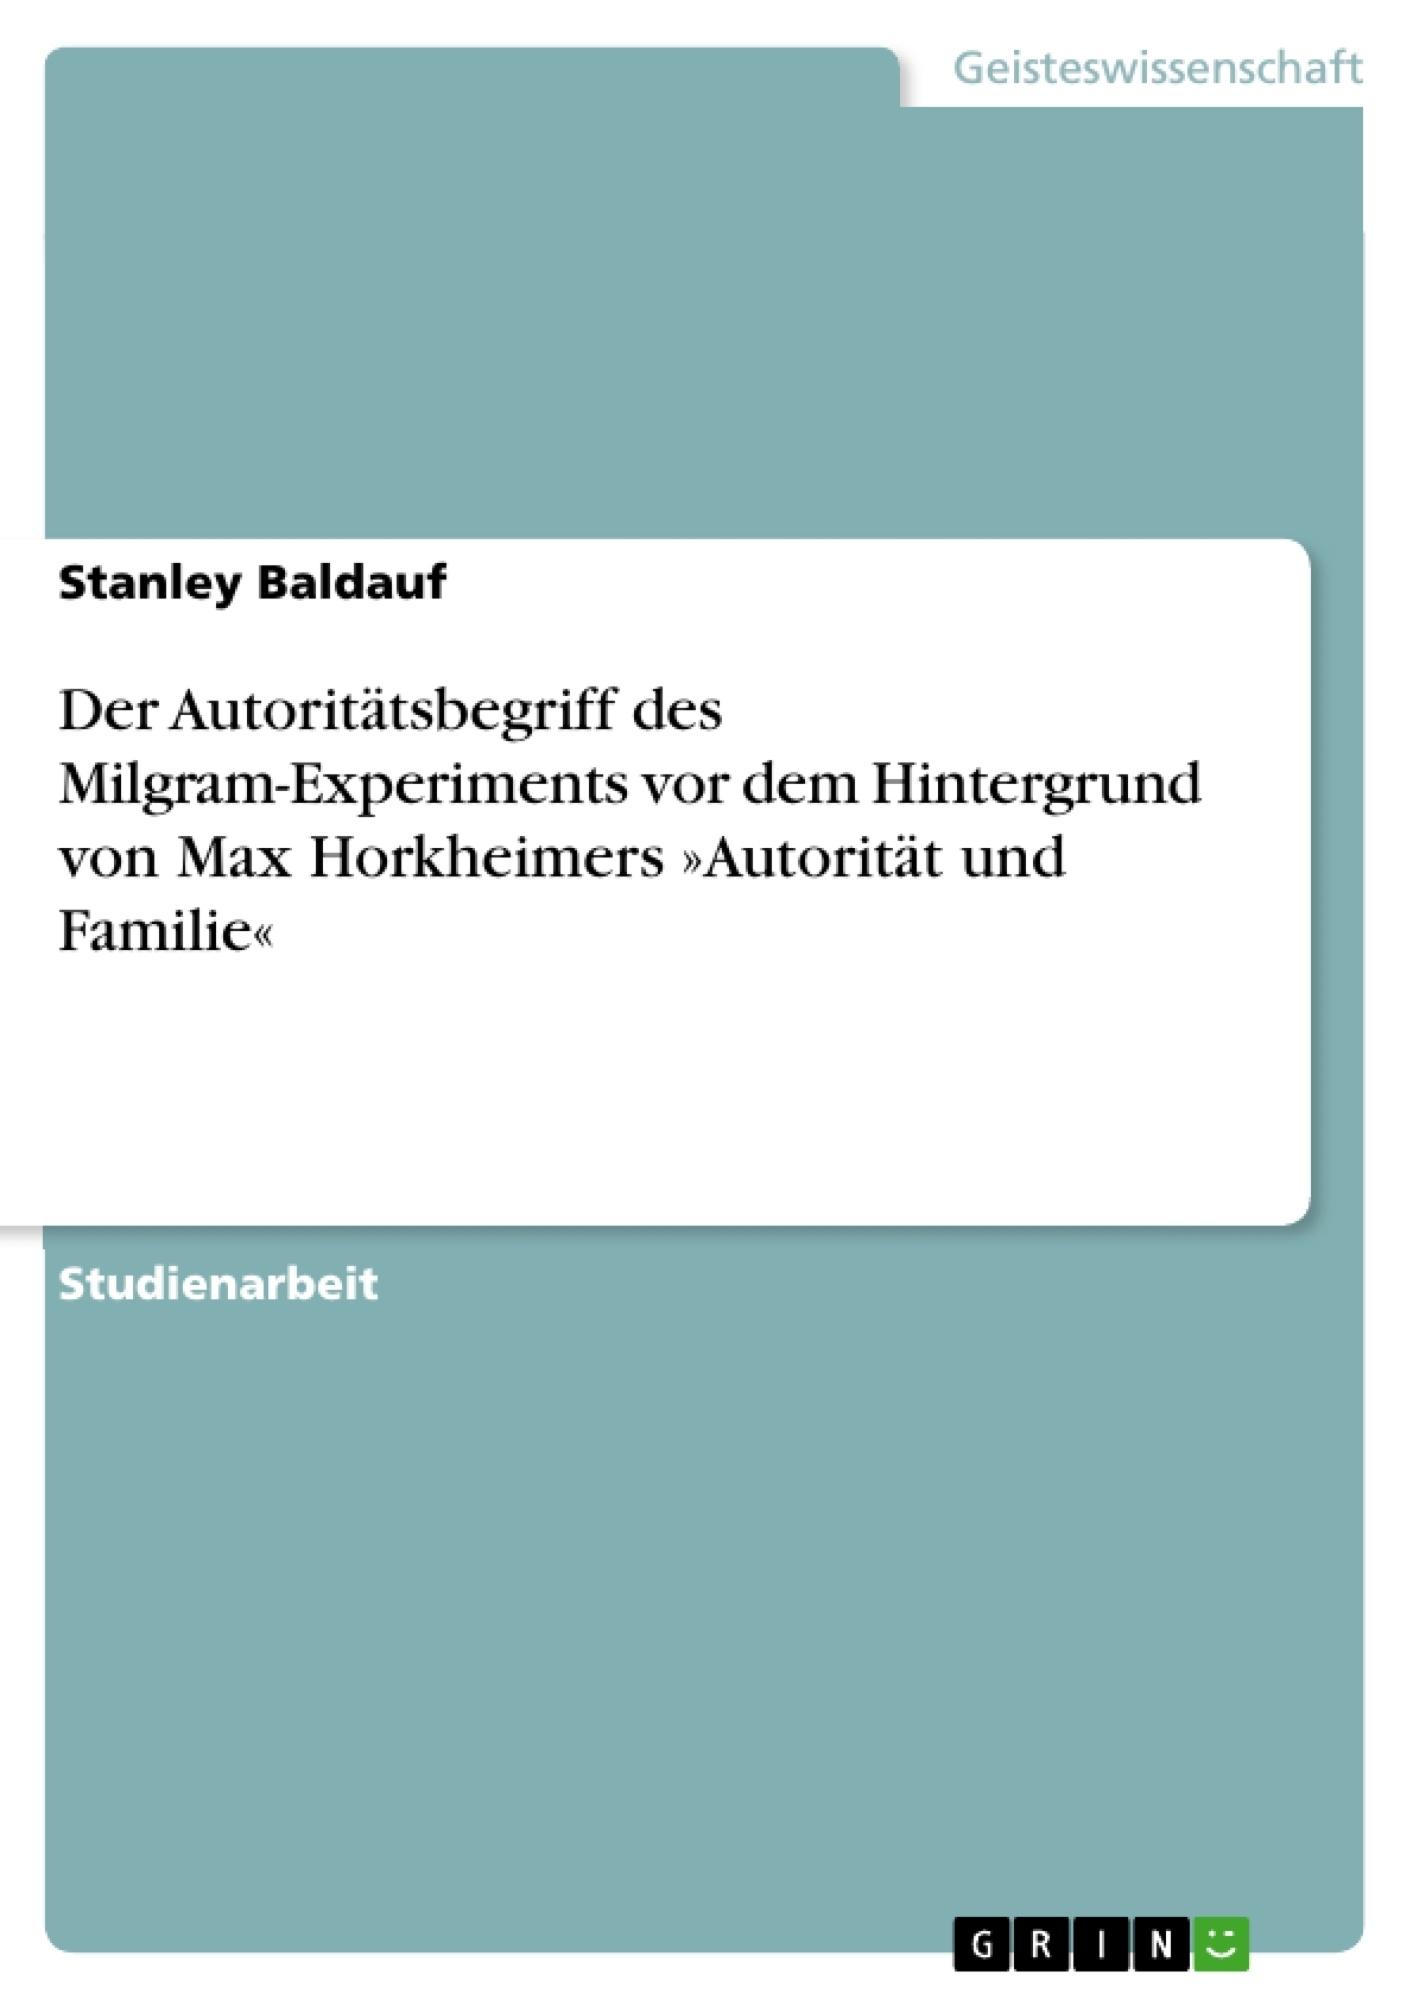 Titel: Der Autoritätsbegriff des Milgram-Experiments vor dem Hintergrund von Max Horkheimers »Autorität und Familie«